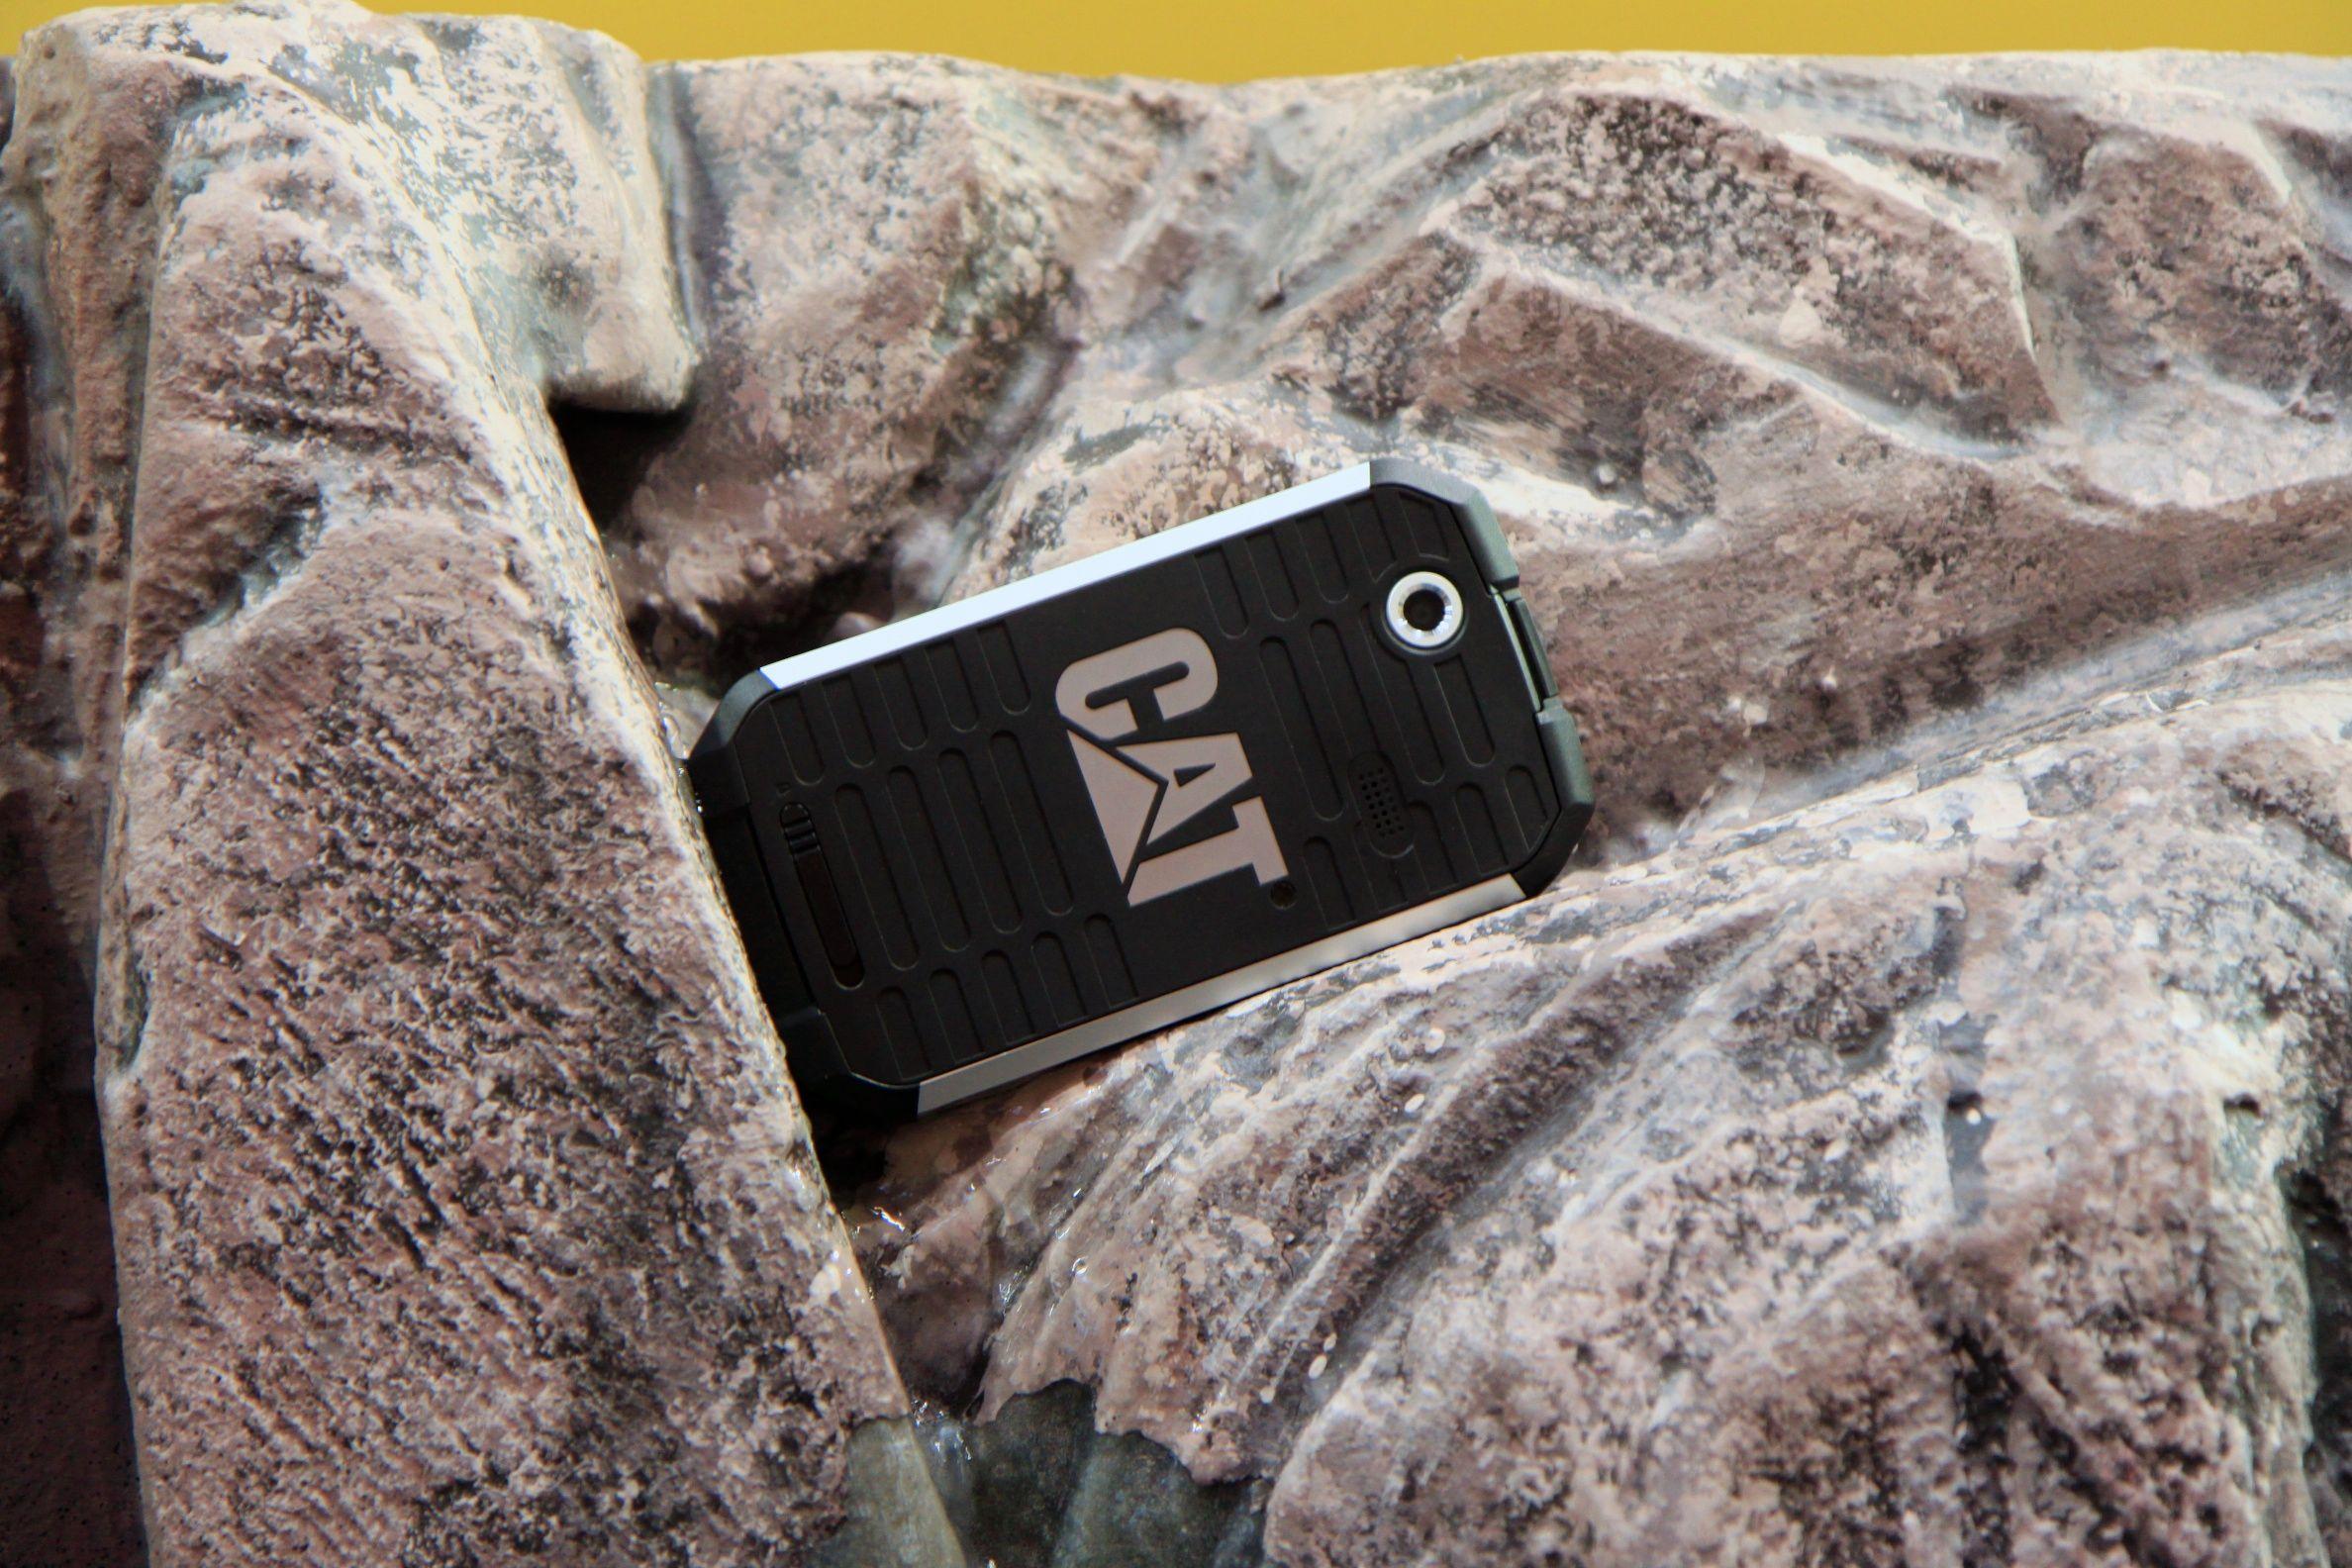 Den store Cat-logoen preger baksiden av telefonen. Foto: Kurt Lekanger, Amobil.no